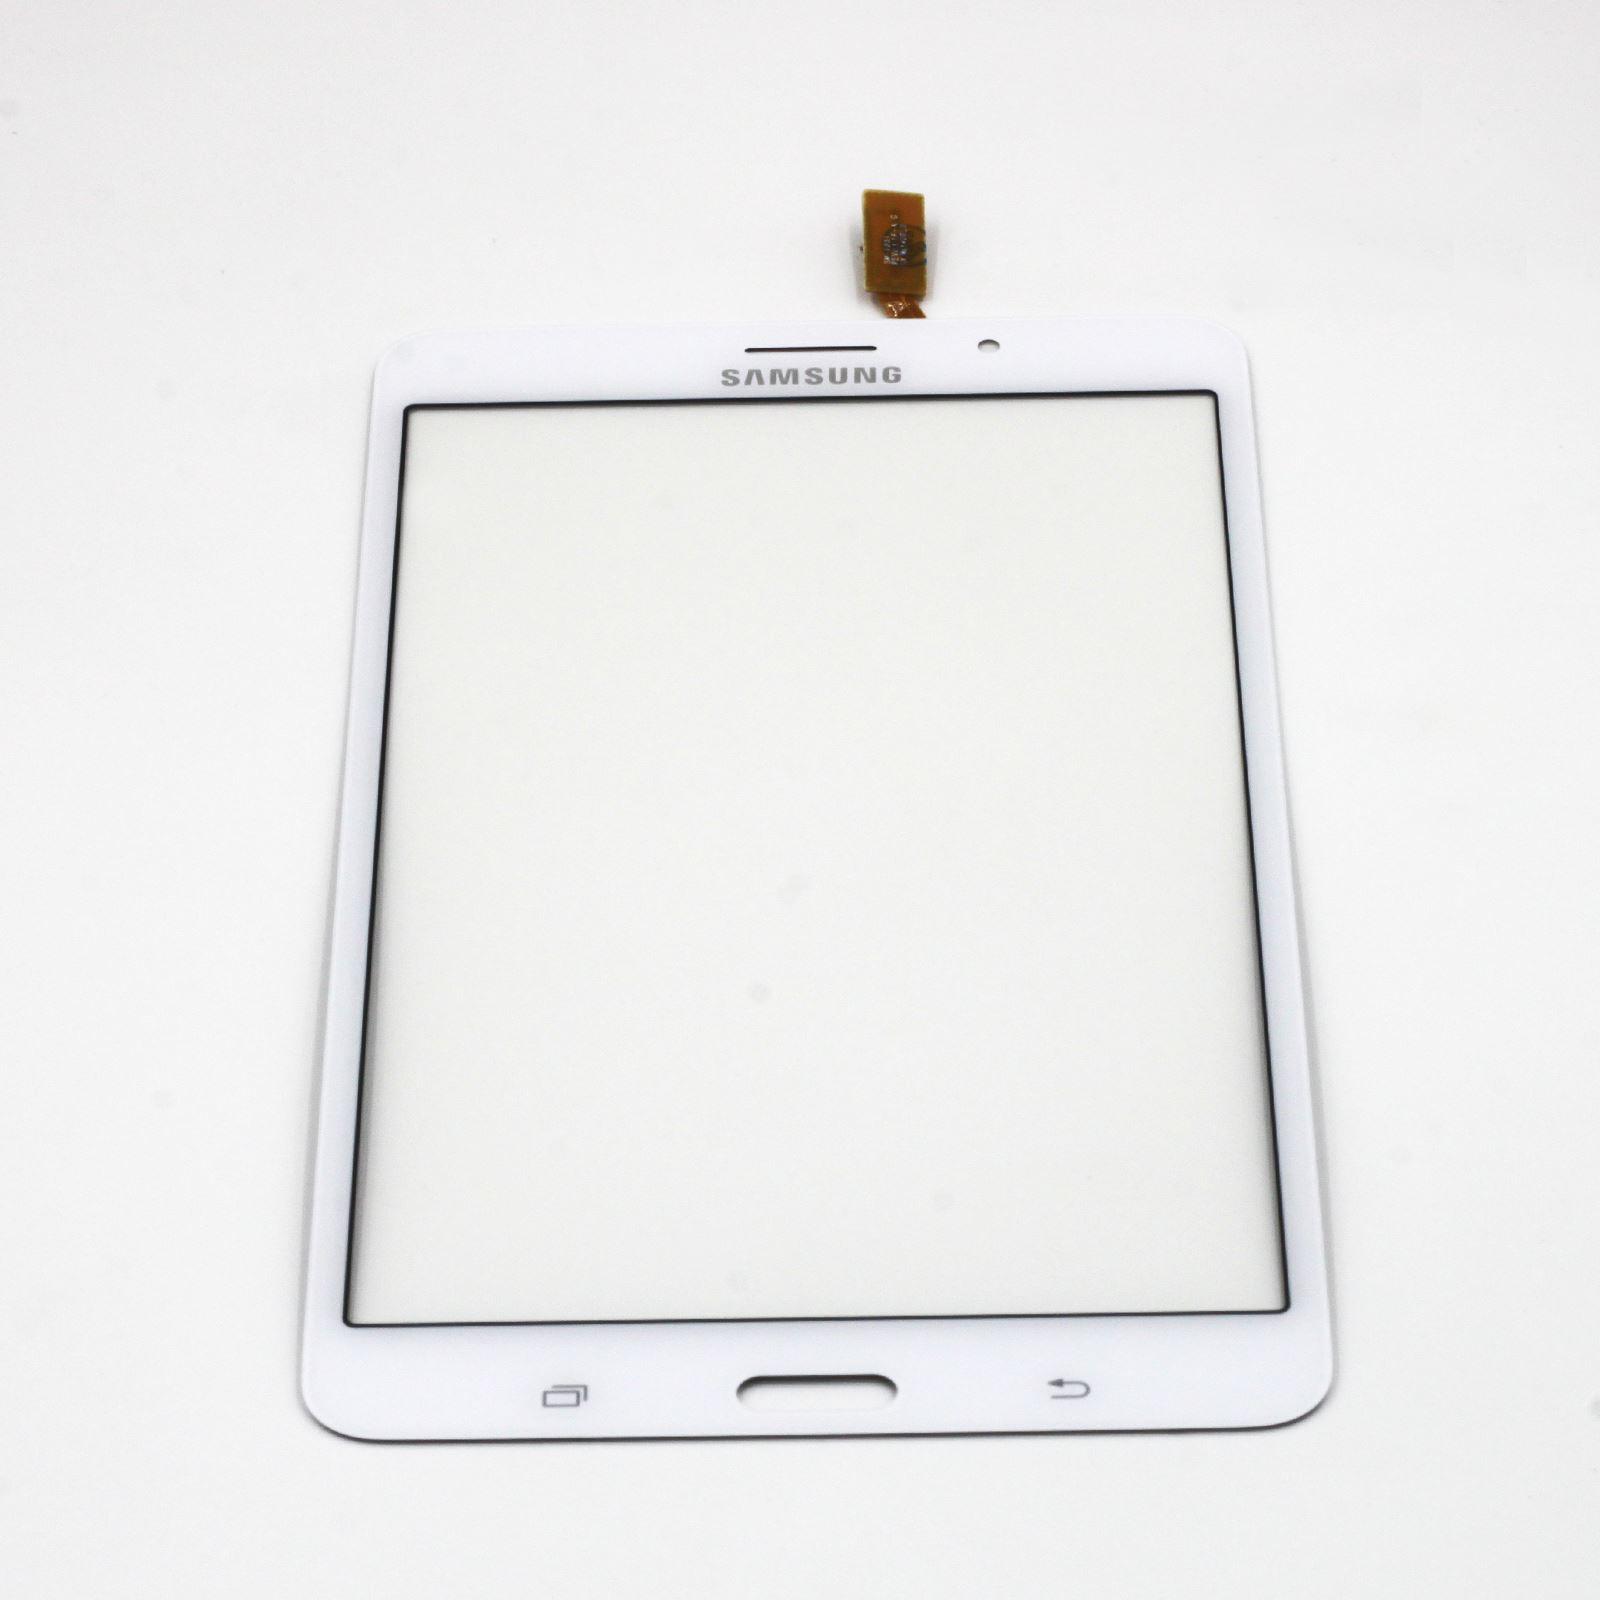 Thay kính cảm ứng Samsung Galaxy Tap 4 / T231 / T235